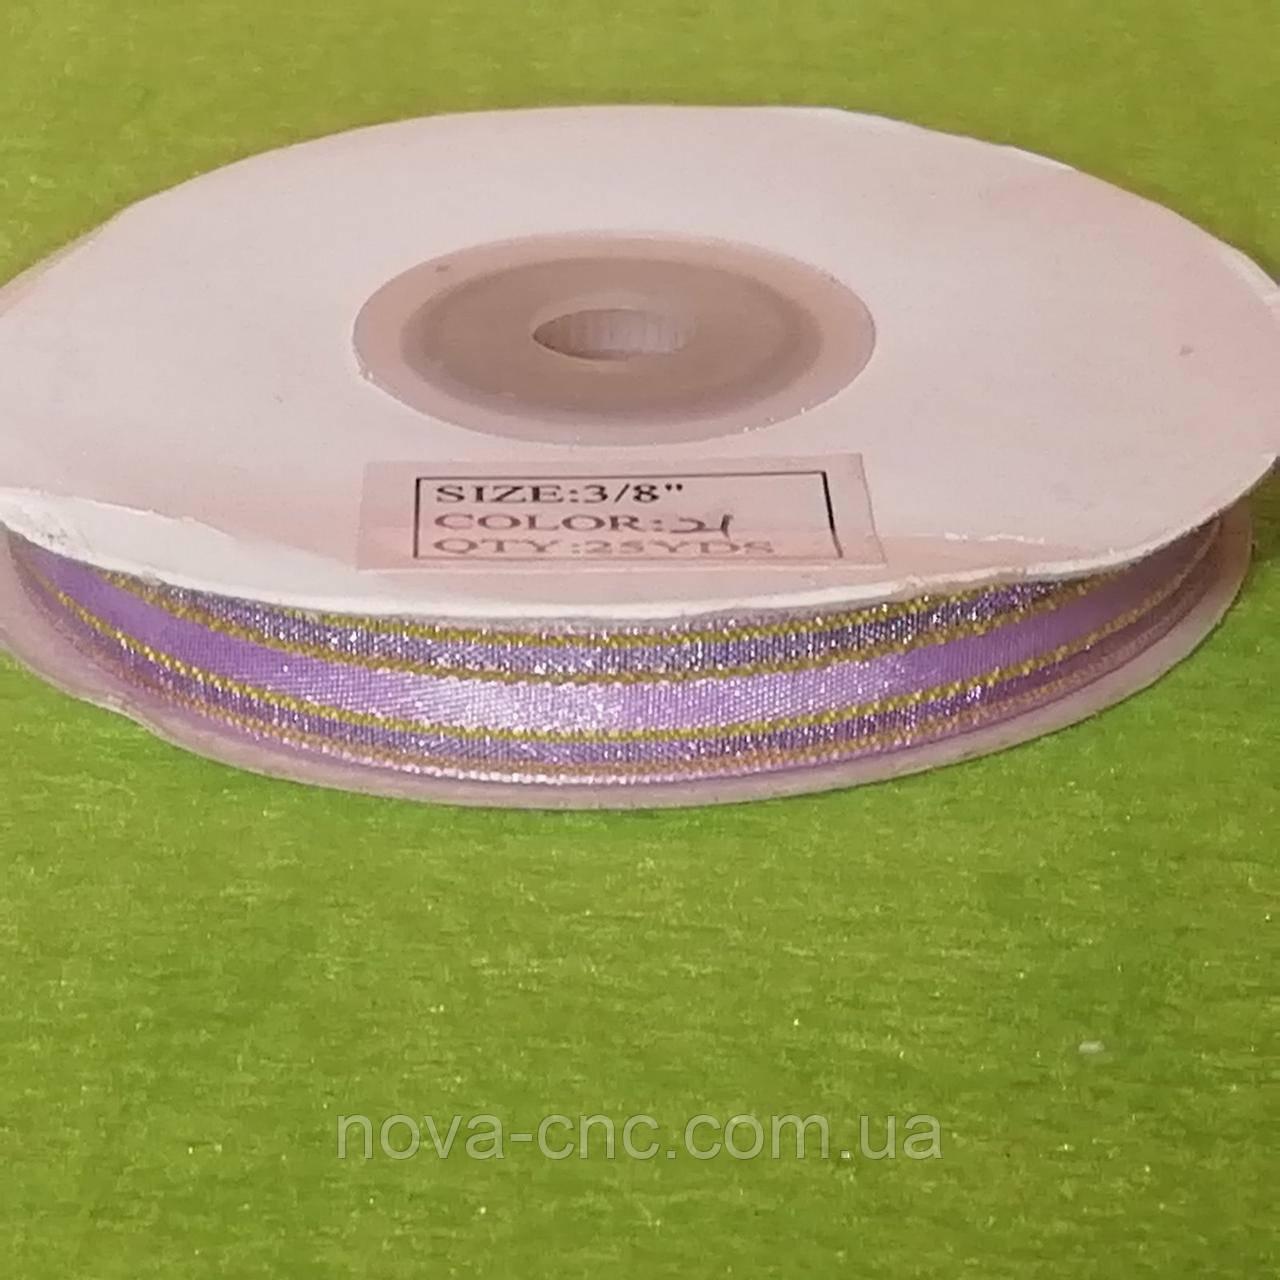 Стрічки атлас, люрикс, капрон 1 см бузковий 23 м